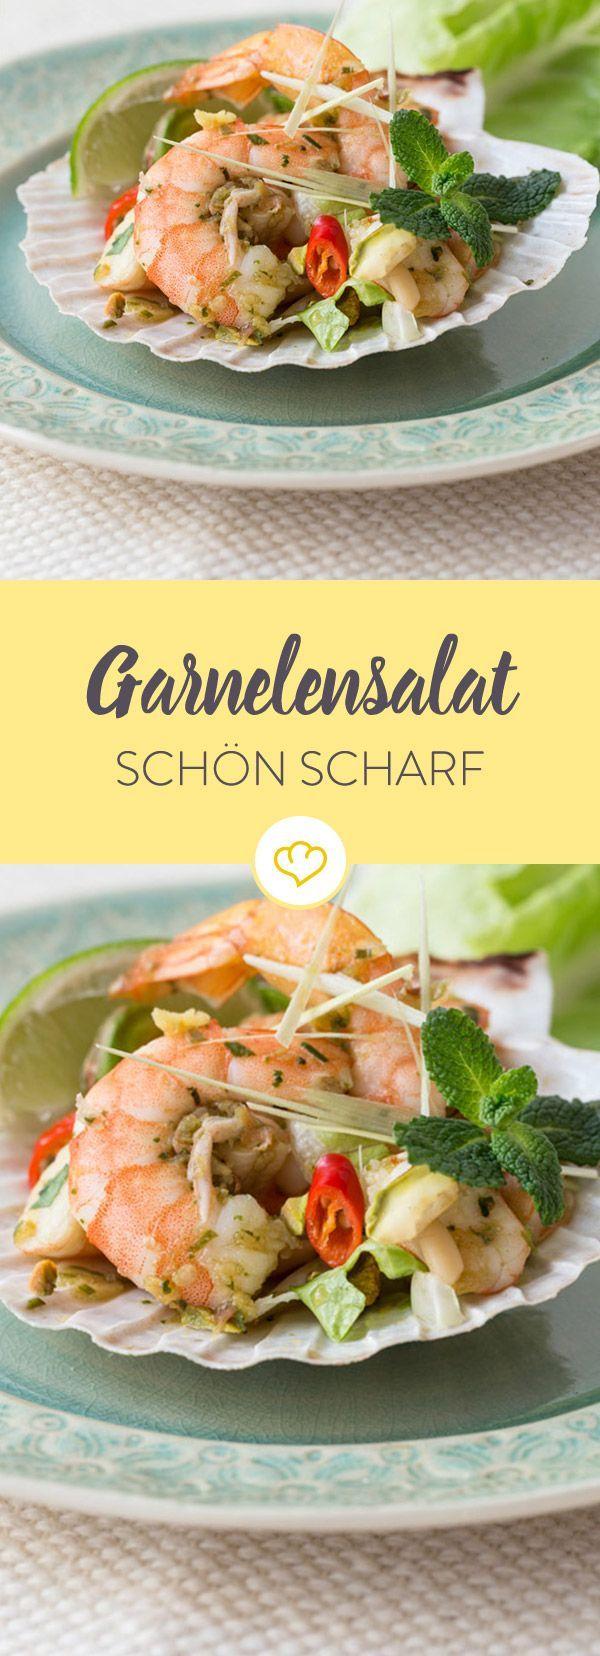 Achtung feurig! Dieser Garnelensalat wird mit reichlich Chili und frischen Kräutern aus Südostasien aufgetischt.